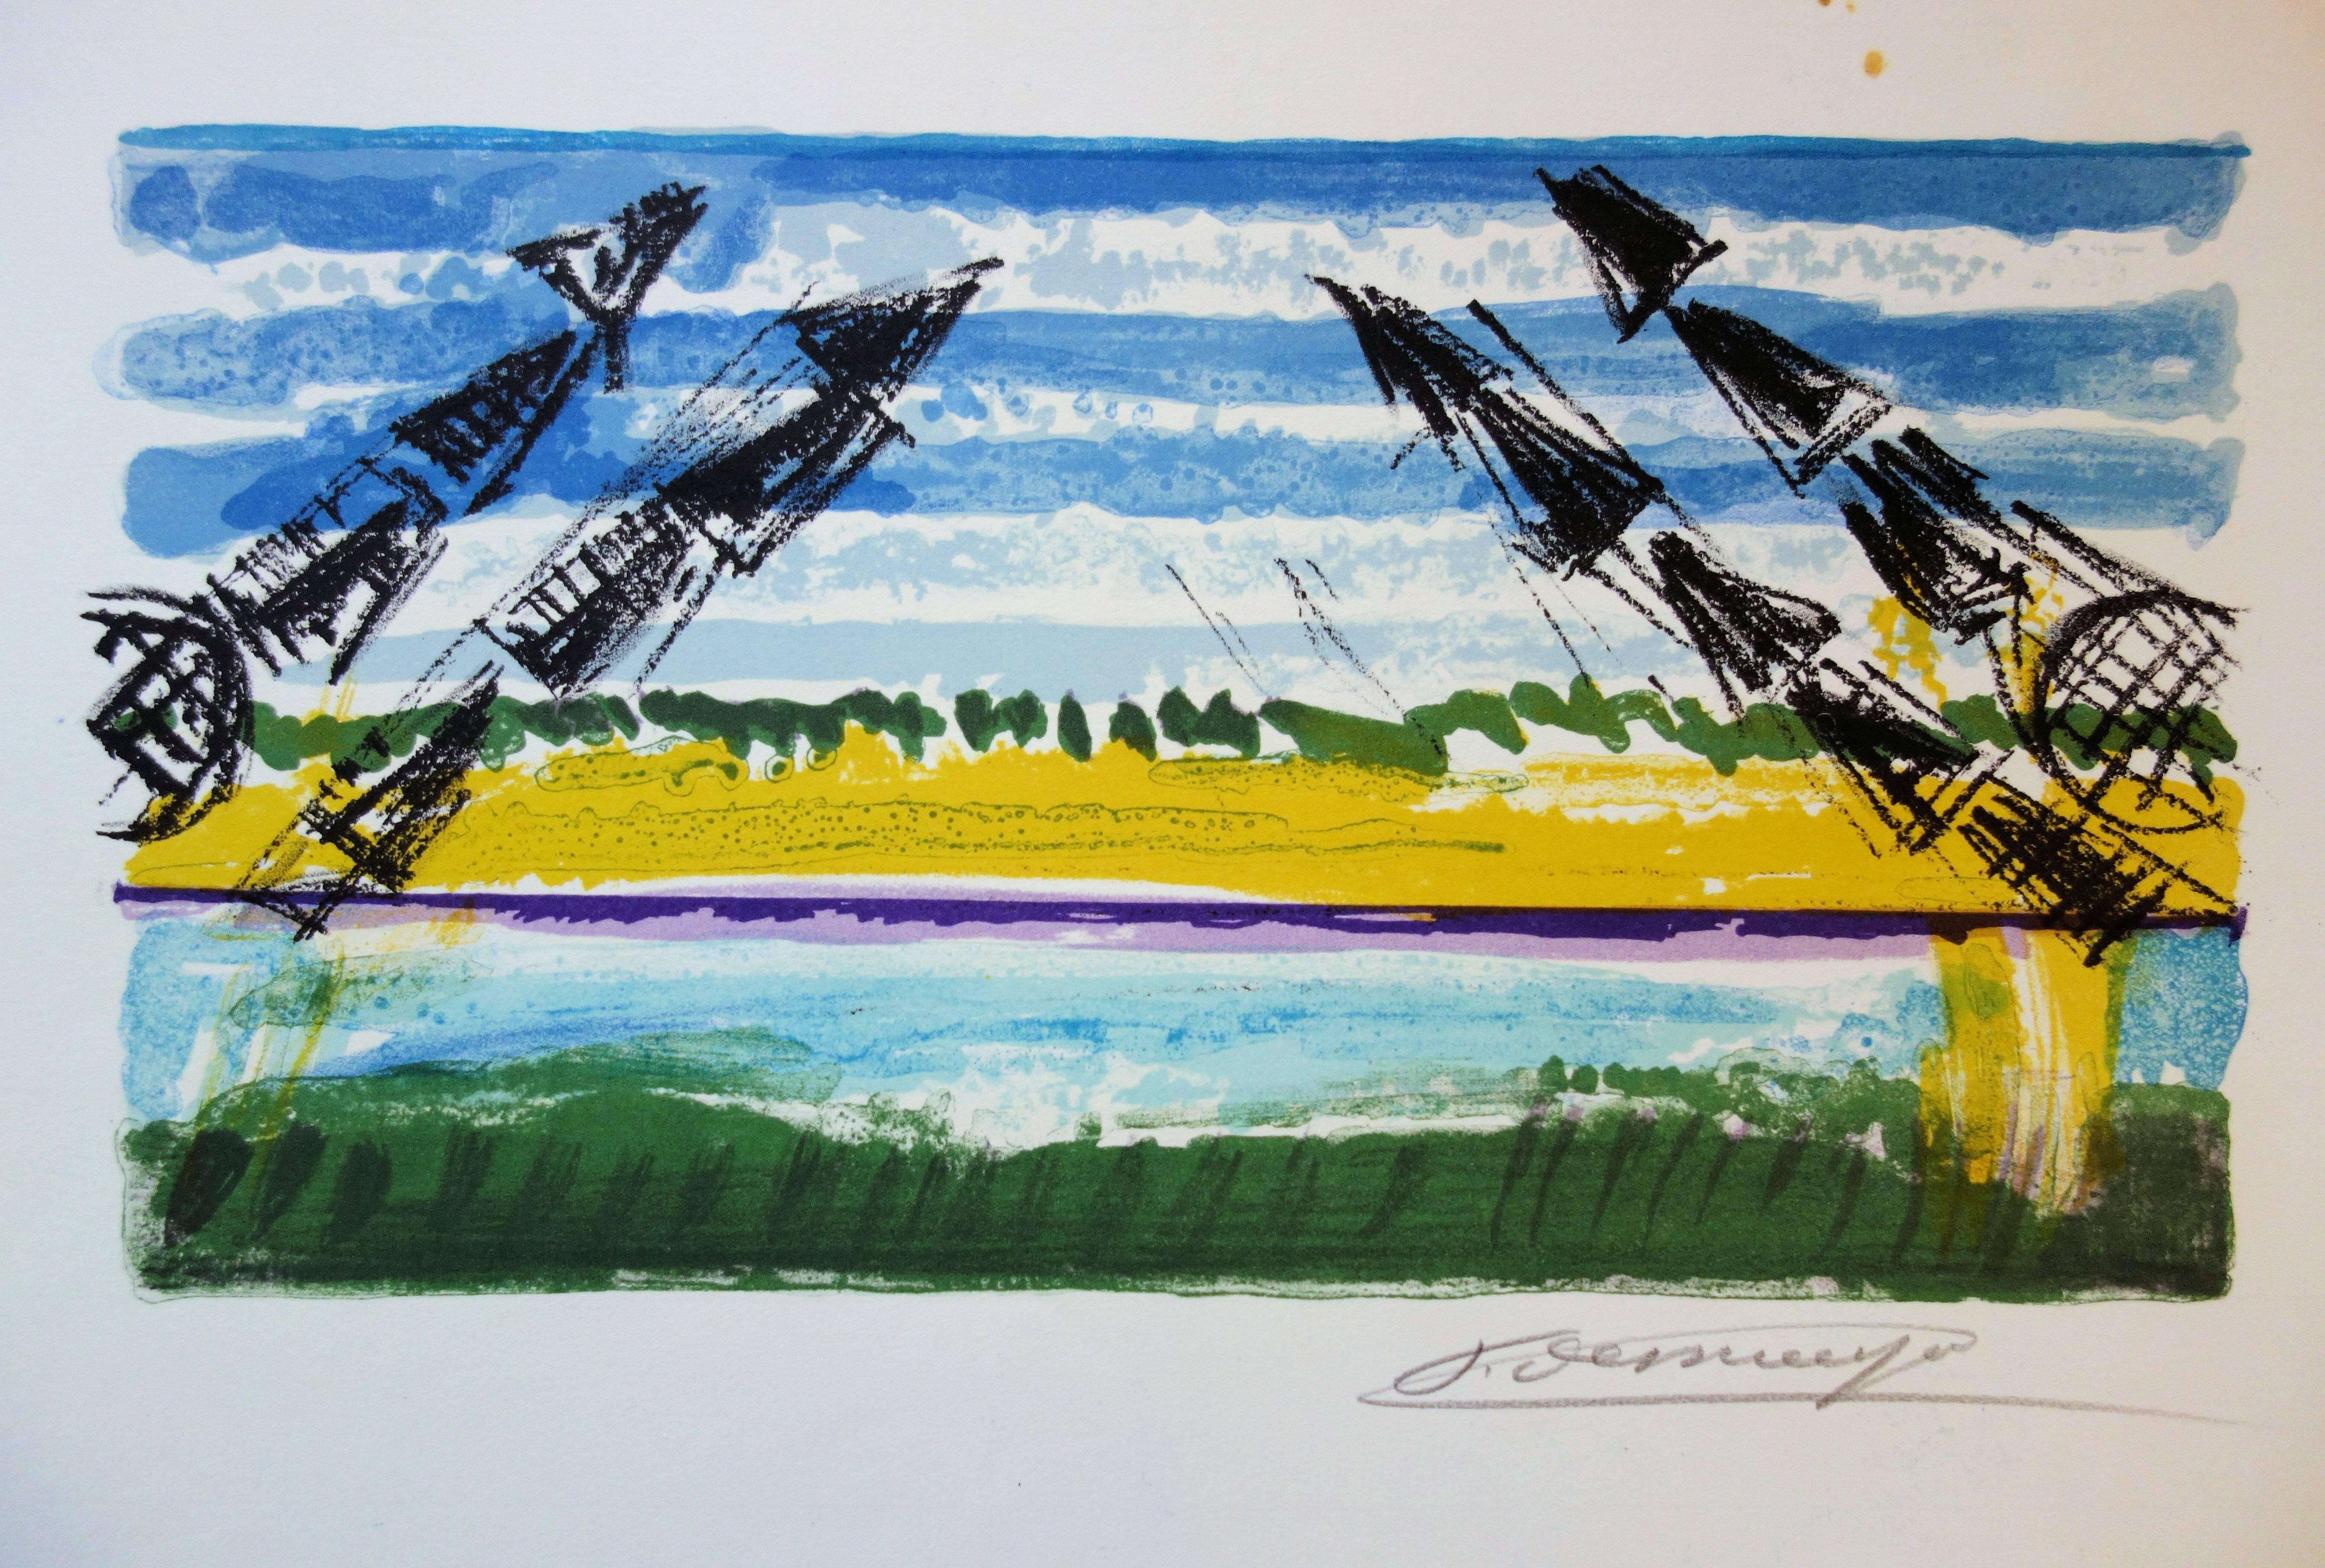 The Cranes - Original handsigned lithograph